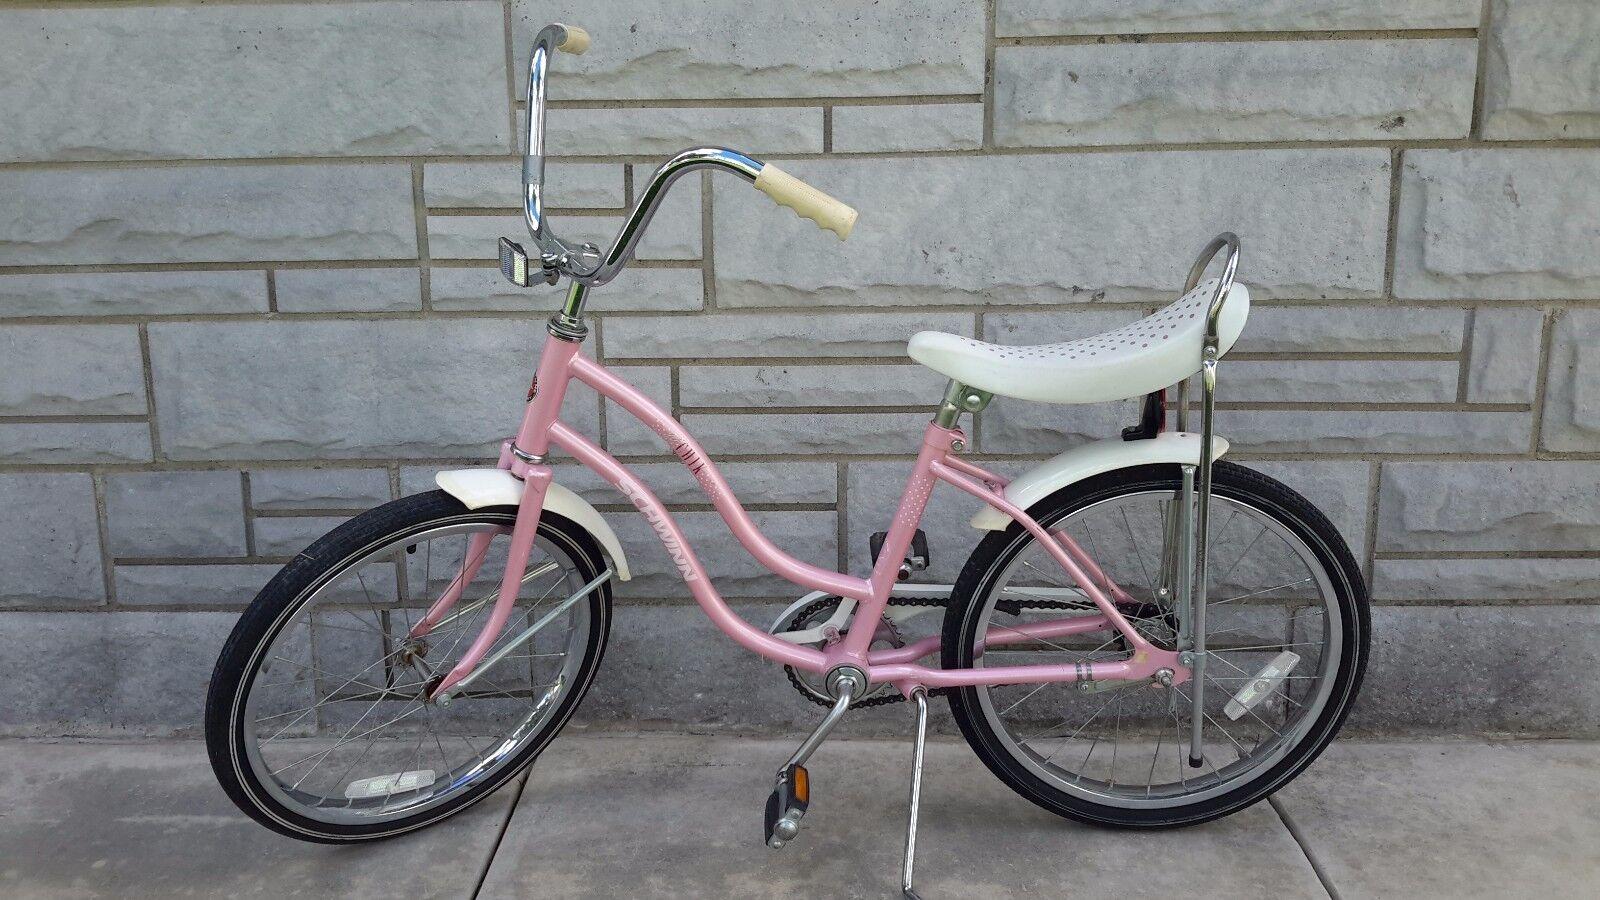 Schwinn 'lil'  k bike, pink,  made in Japan,  211.  a lot of surprises